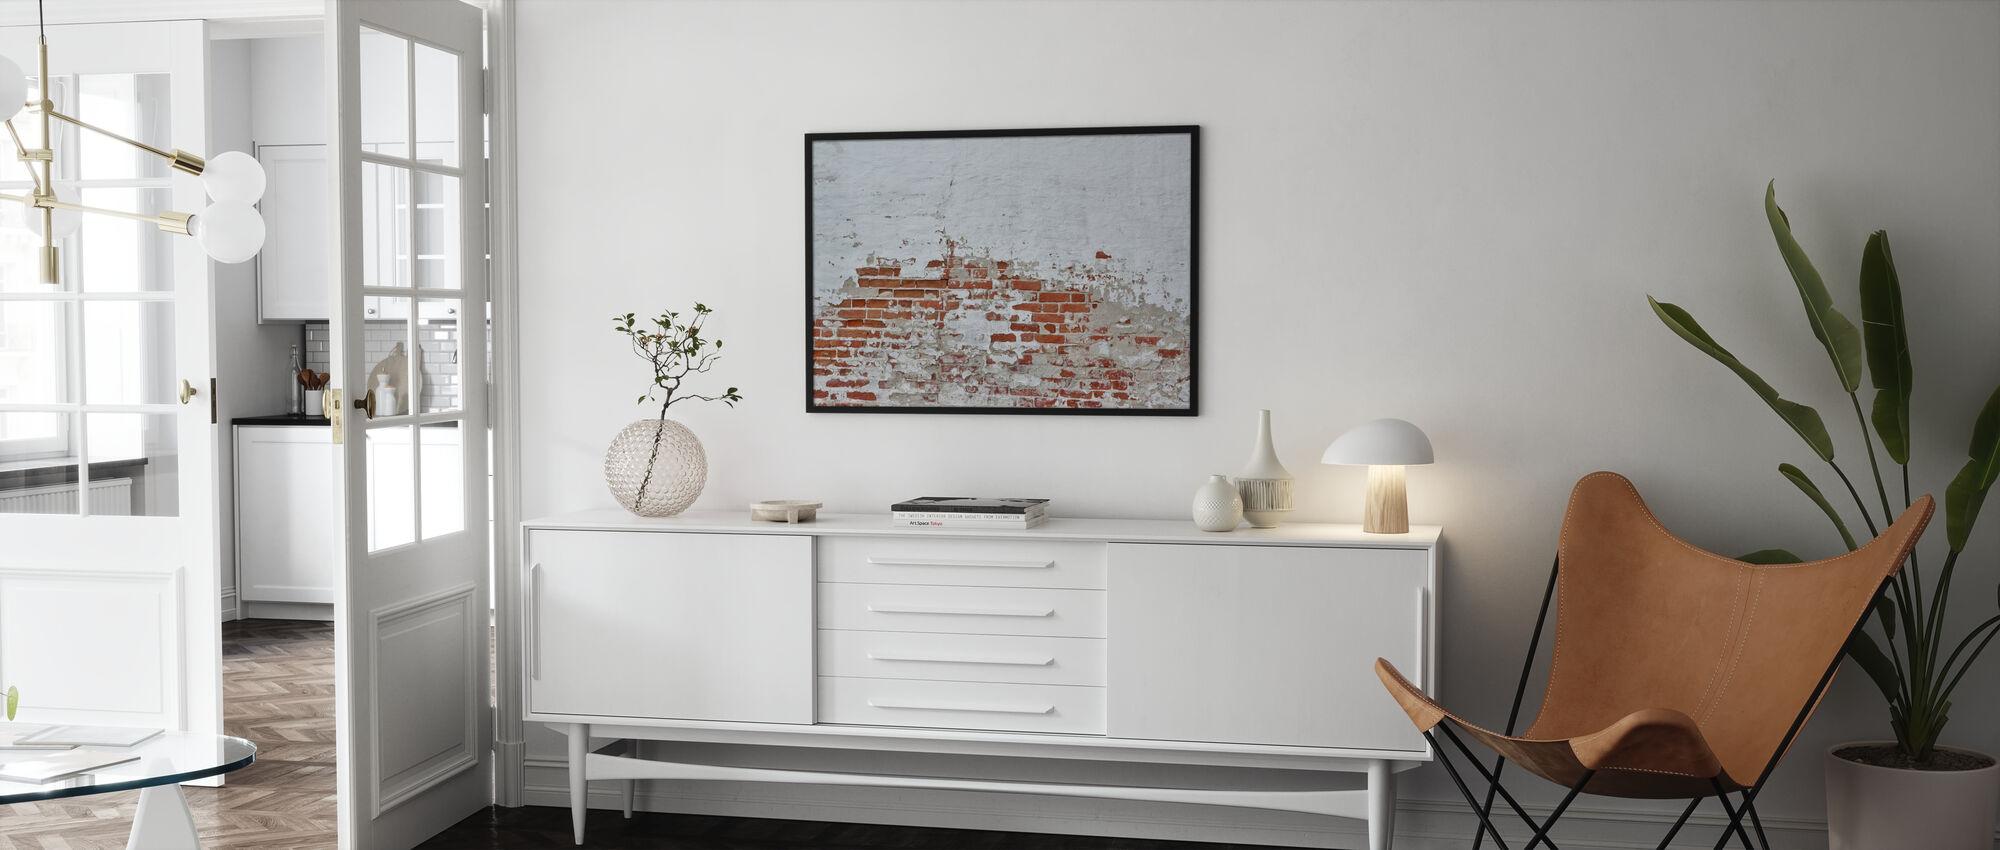 Punainen tiiliseinä sirotellaan valkoinen kipsi - Kehystetty kuva - Olohuone